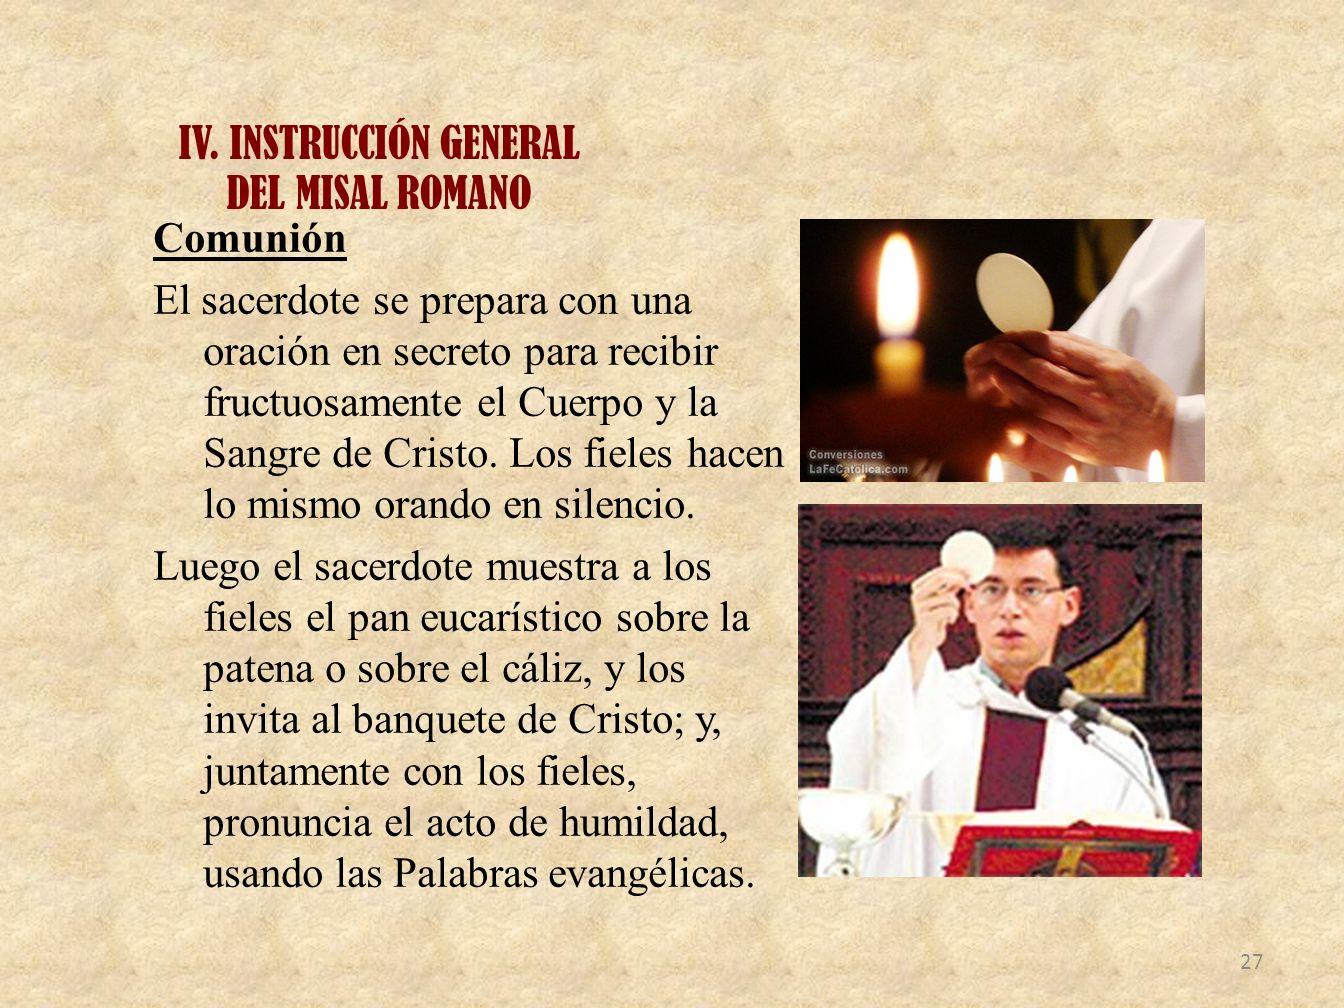 IV. INSTRUCCIÓN GENERAL DEL MISAL ROMANO Comunión El sacerdote se prepara con una oración en secreto para recibir fructuosamente el Cuerpo y la Sangre